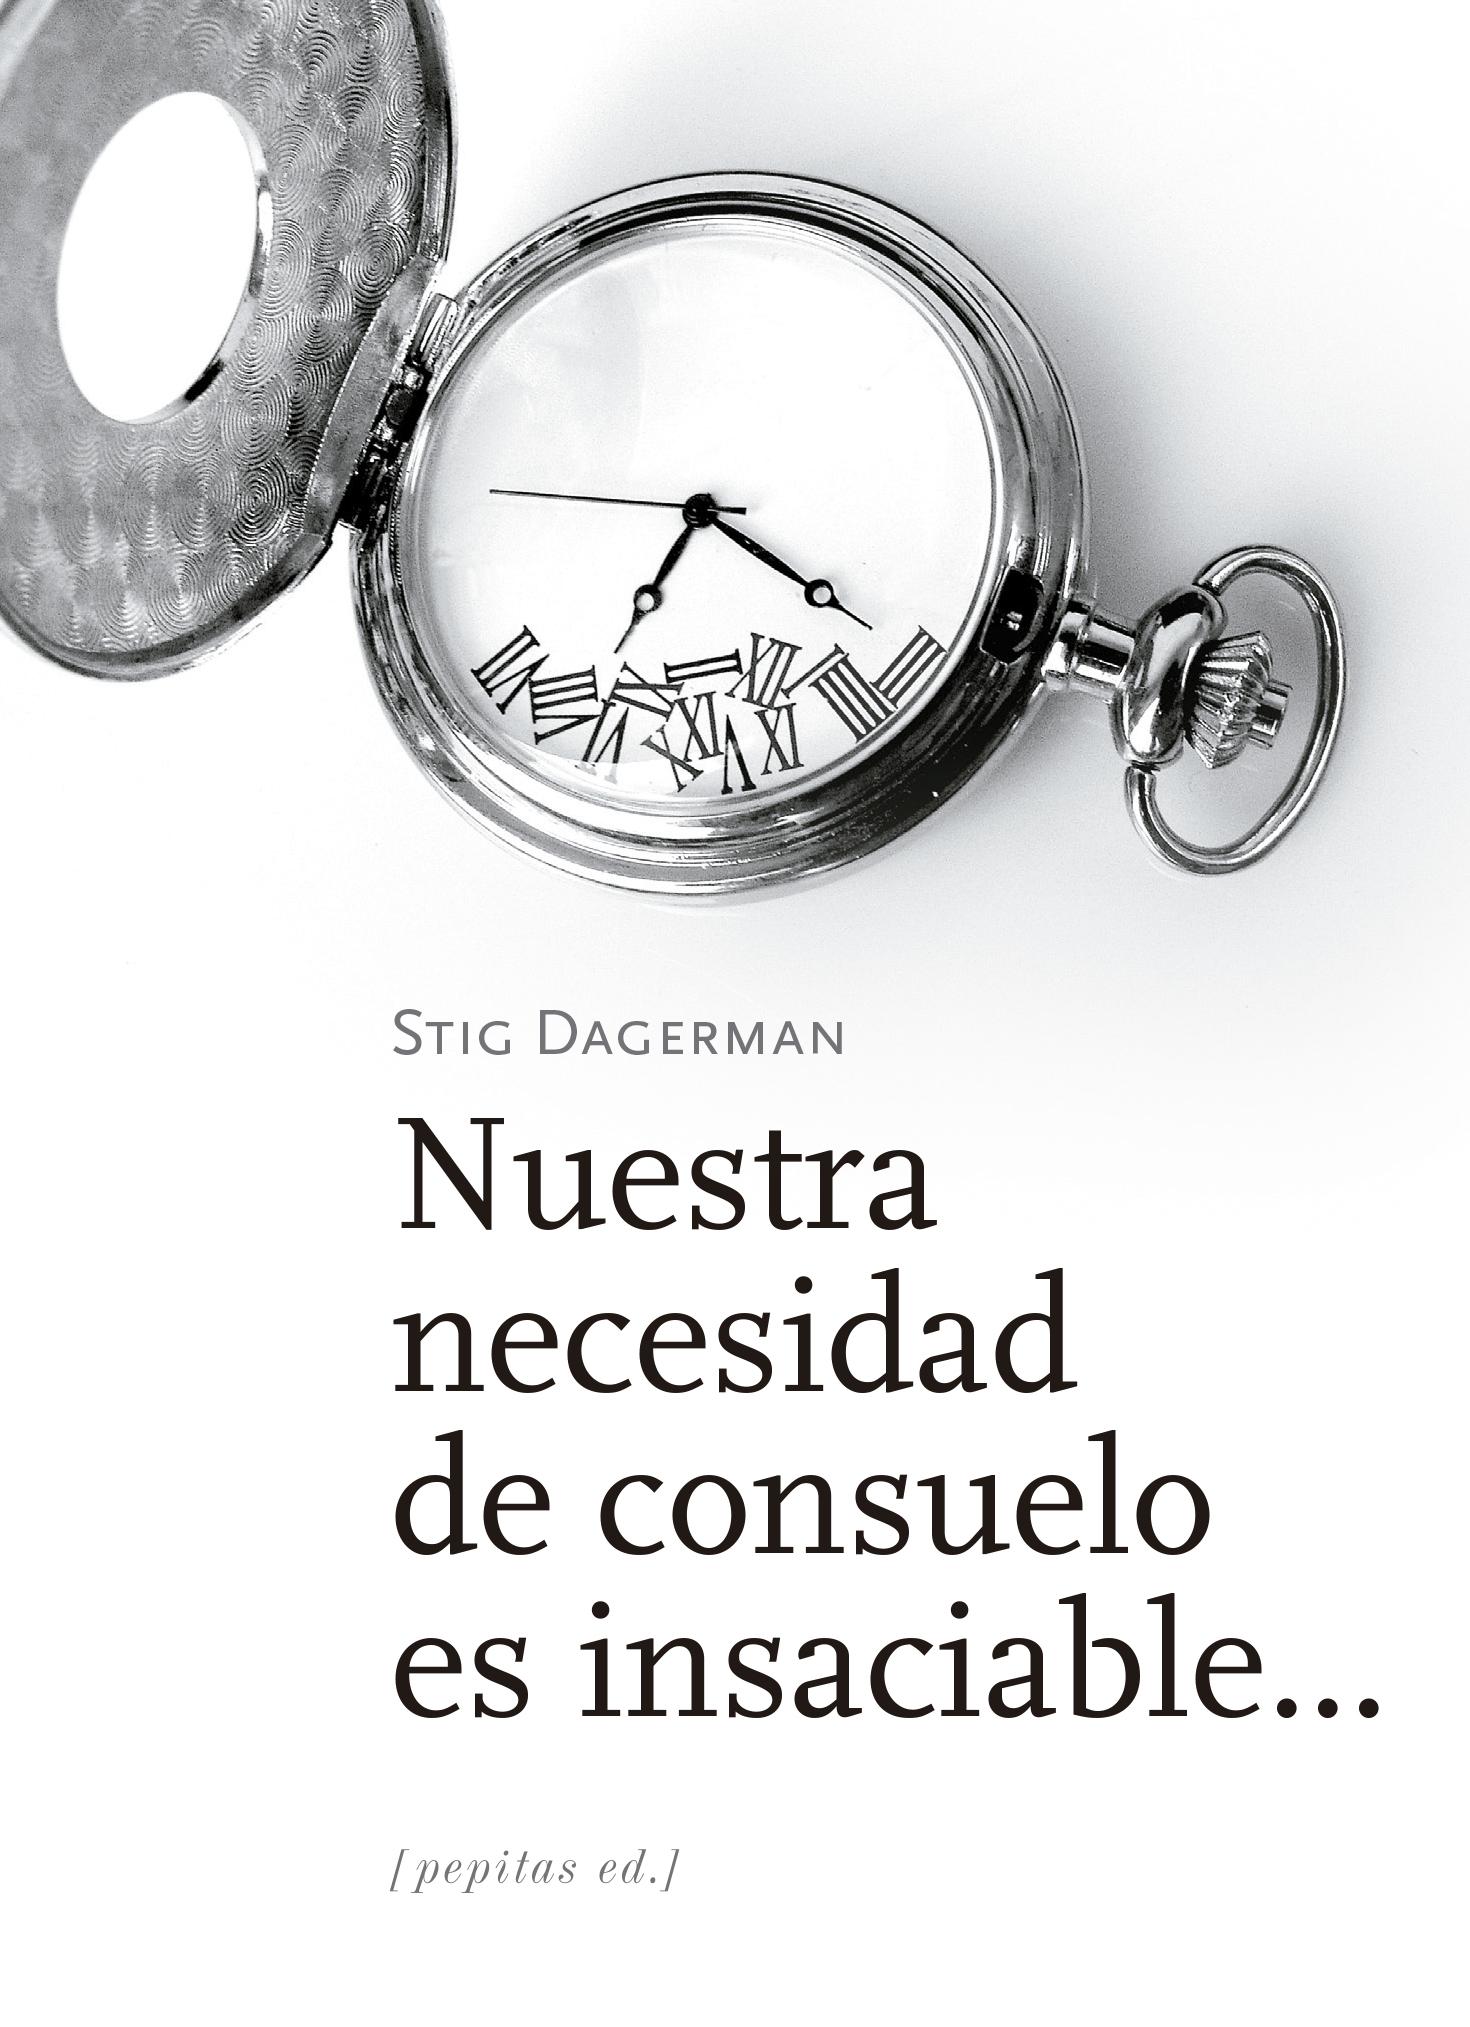 Nuestra necesidad de consuelo es insaciable…